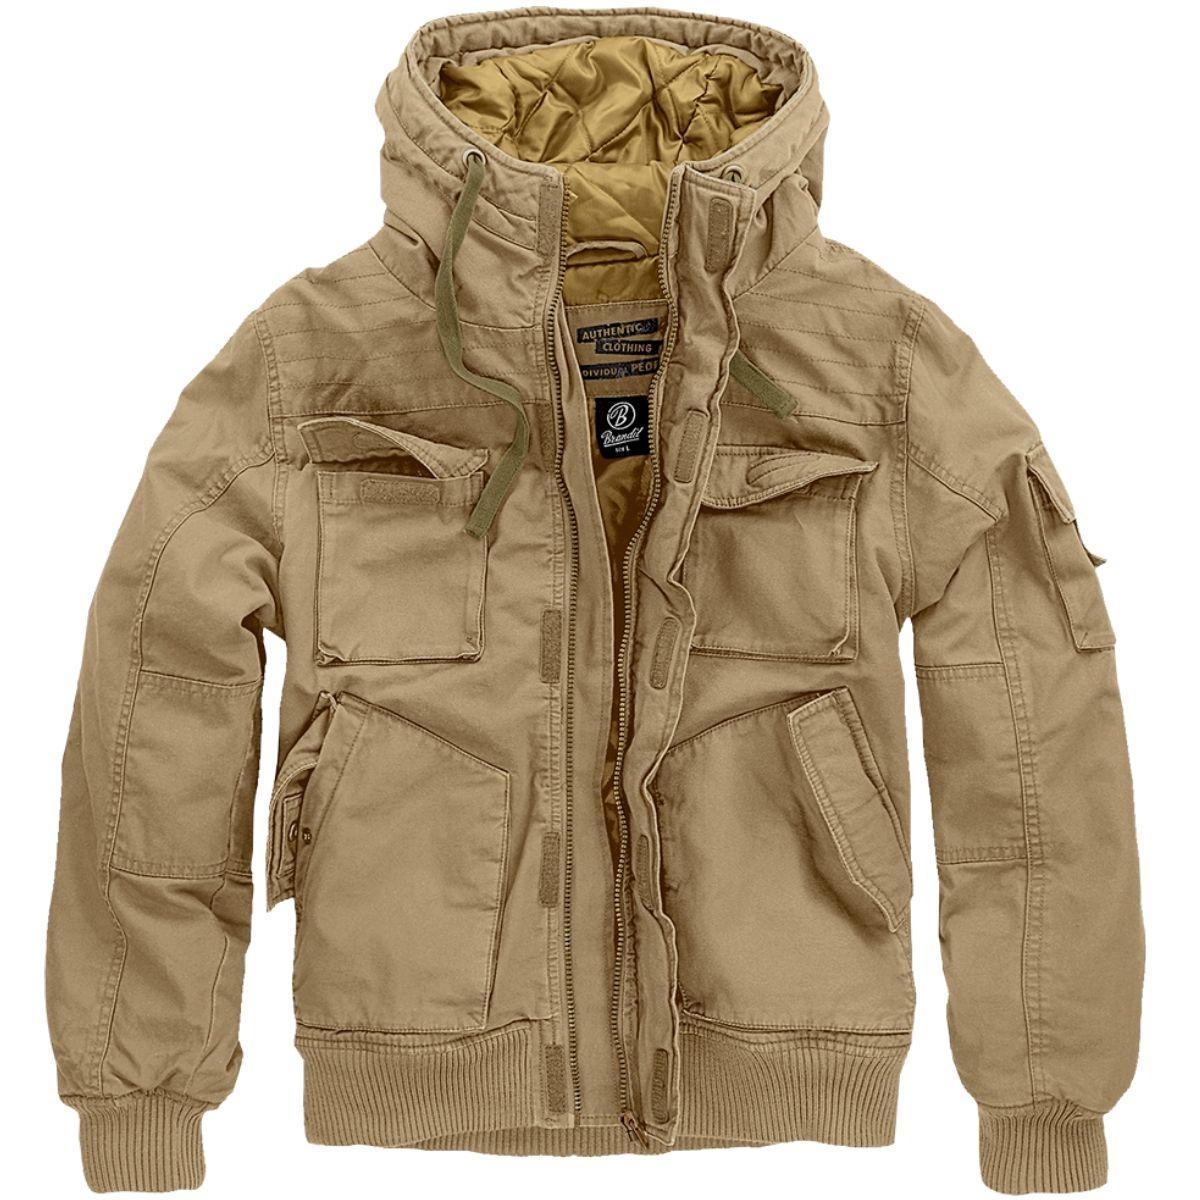 Куртка Brandit Bronx Jaket CAMEL (M)